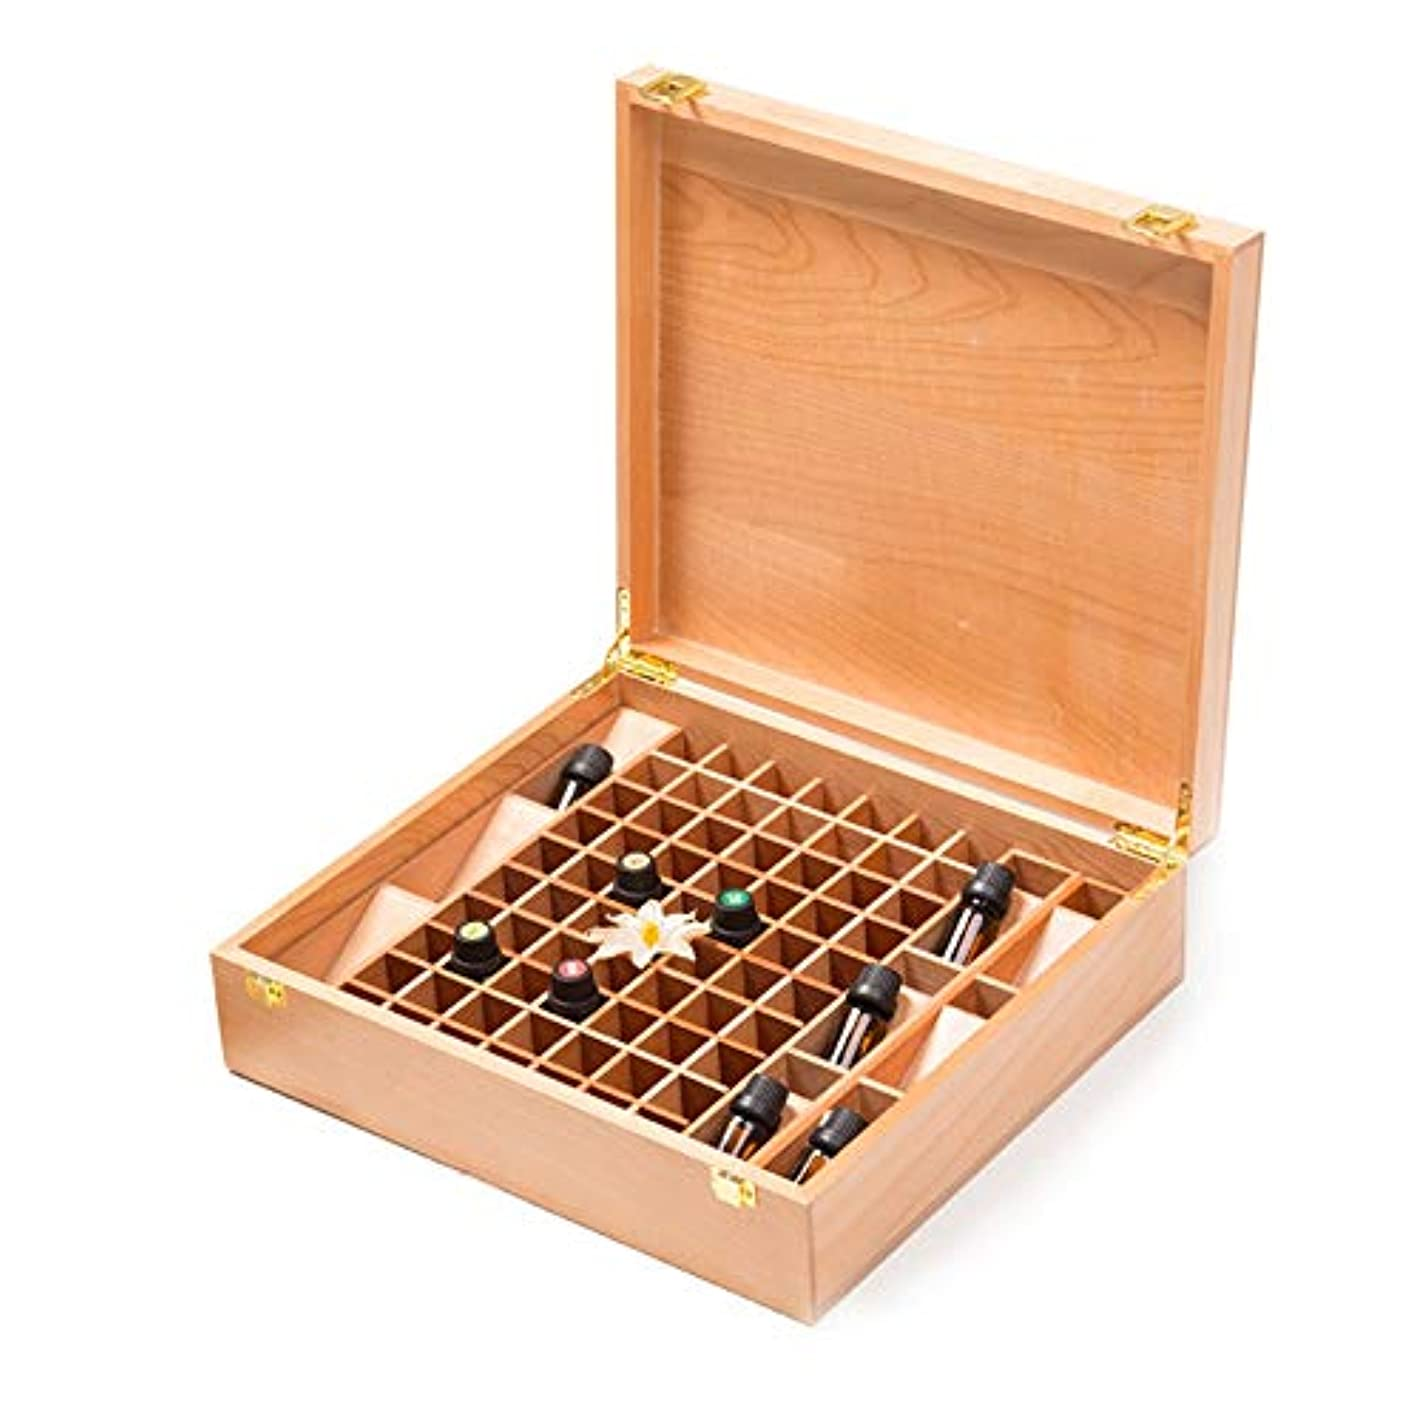 幸福極めて重要なドラフトエッセンシャルオイルの保管 手作りの木製エッセンシャルオイルストレージボックスパーフェクトエッセンシャルオイルのケースは、70の油のボトルを保持します (色 : Natural, サイズ : 44X31.5X10.5CM)